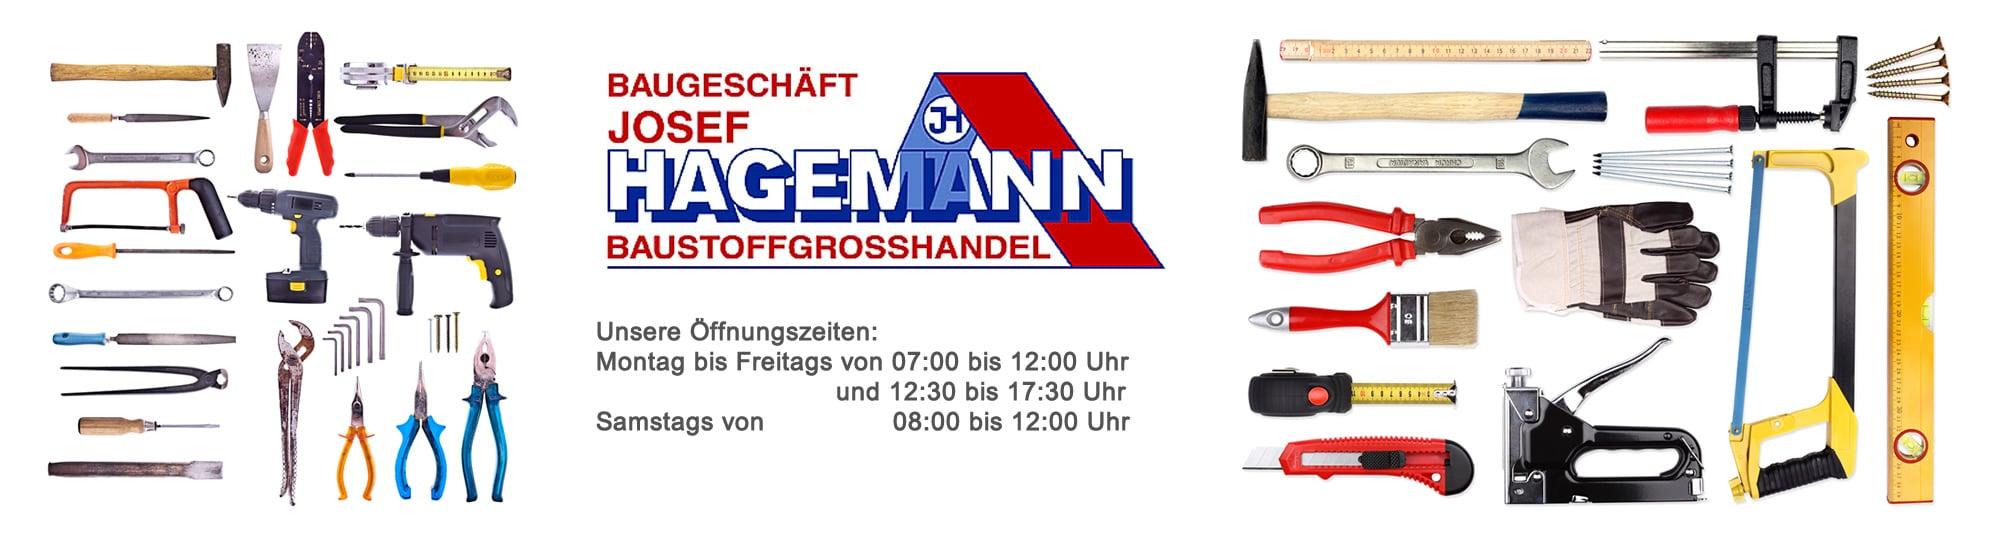 Profi Werkzeug von Bosch (blaue Linie)